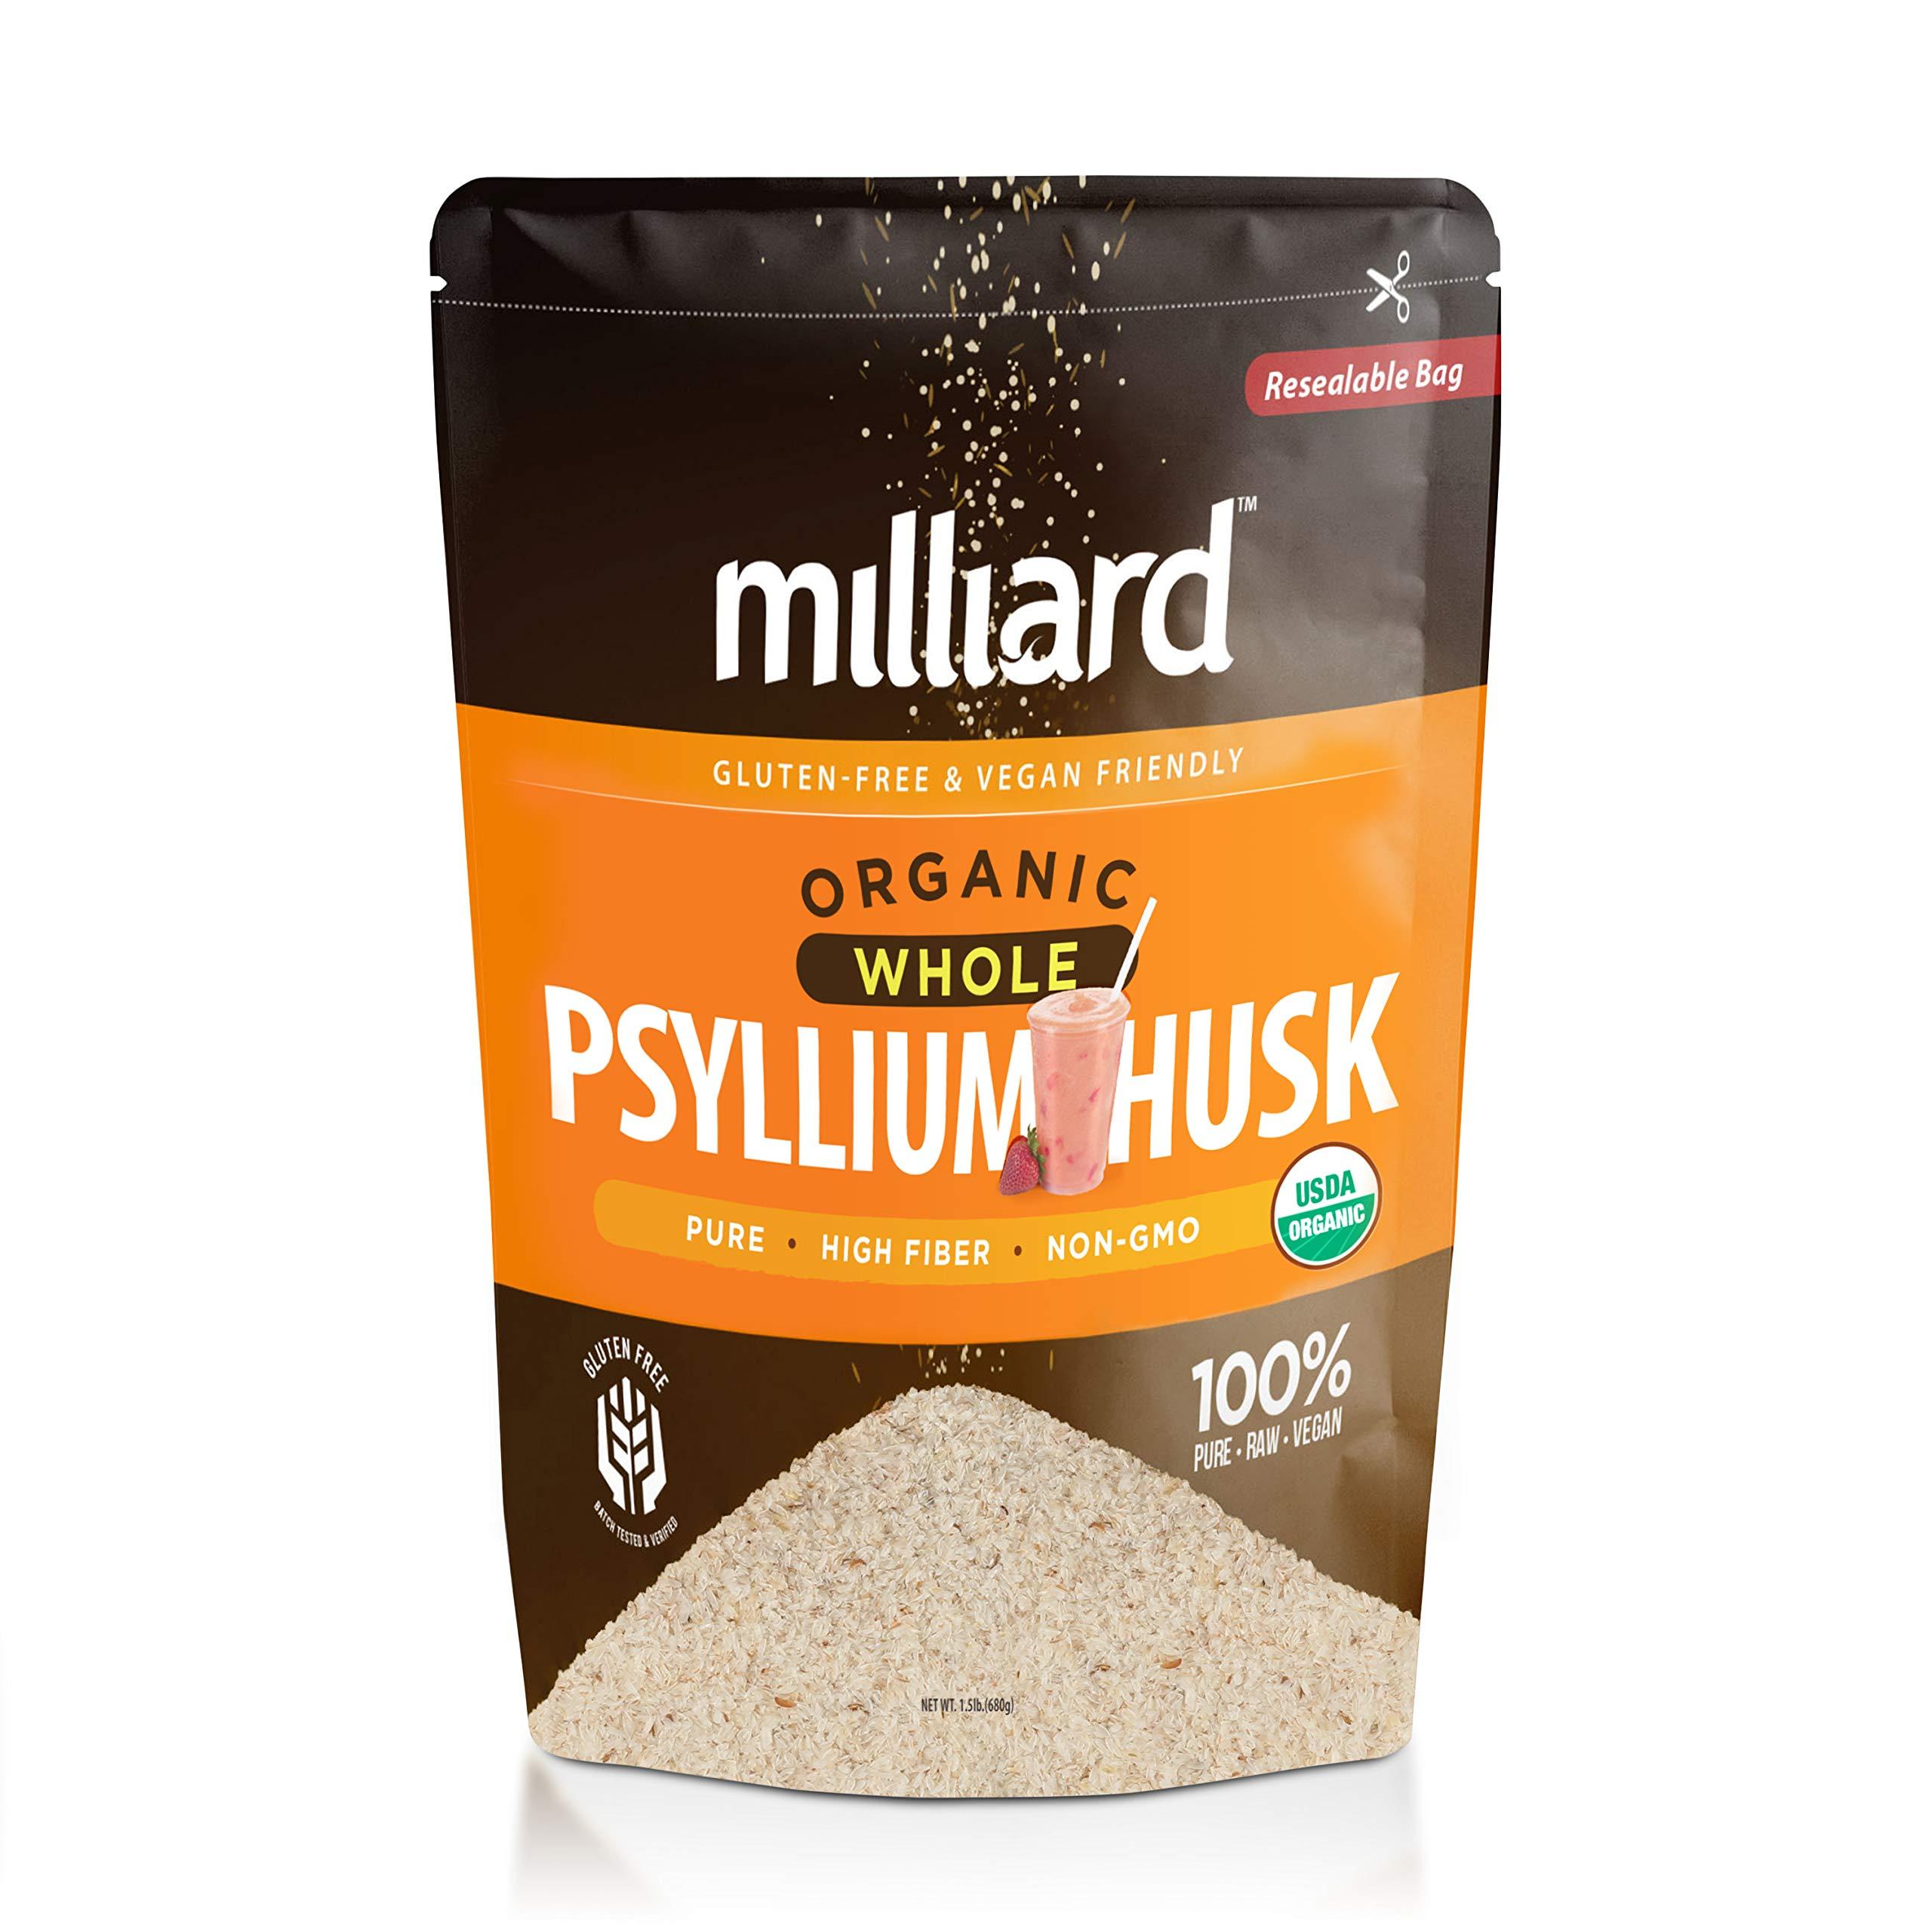 Milliard Organic Whole Psyllium Husk (1.5lb) Non-GMO and Gluten Free Fiber Support by Milliard